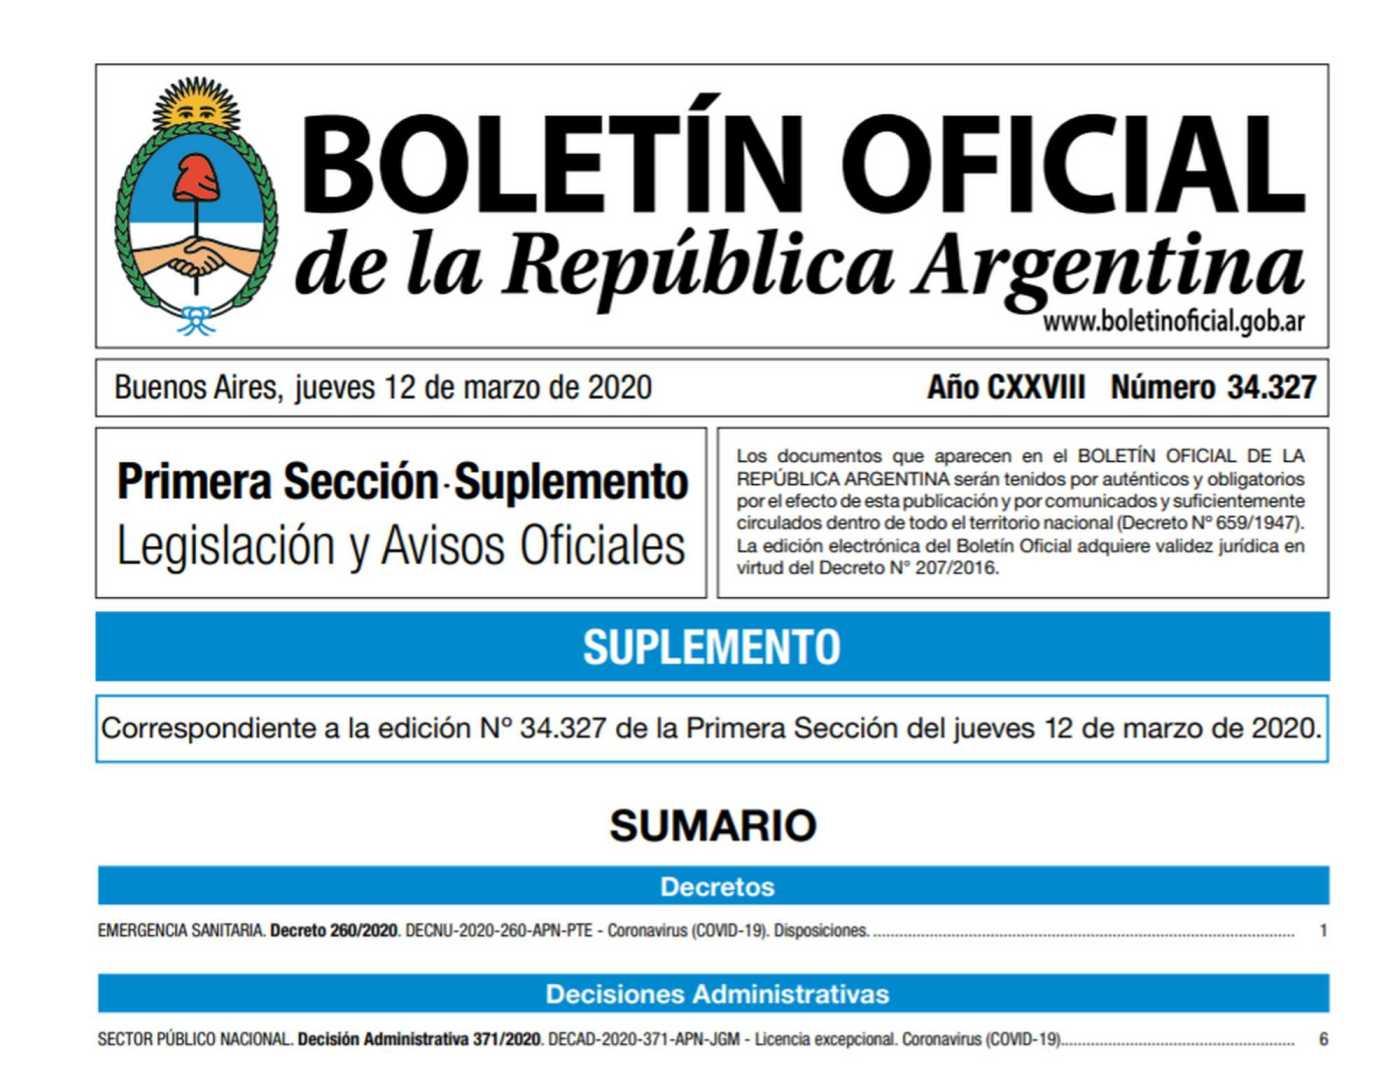 Coronavirus: Por el plazo de un año el Gobierno decretó la emergencia sanitaria en toda la Argentina